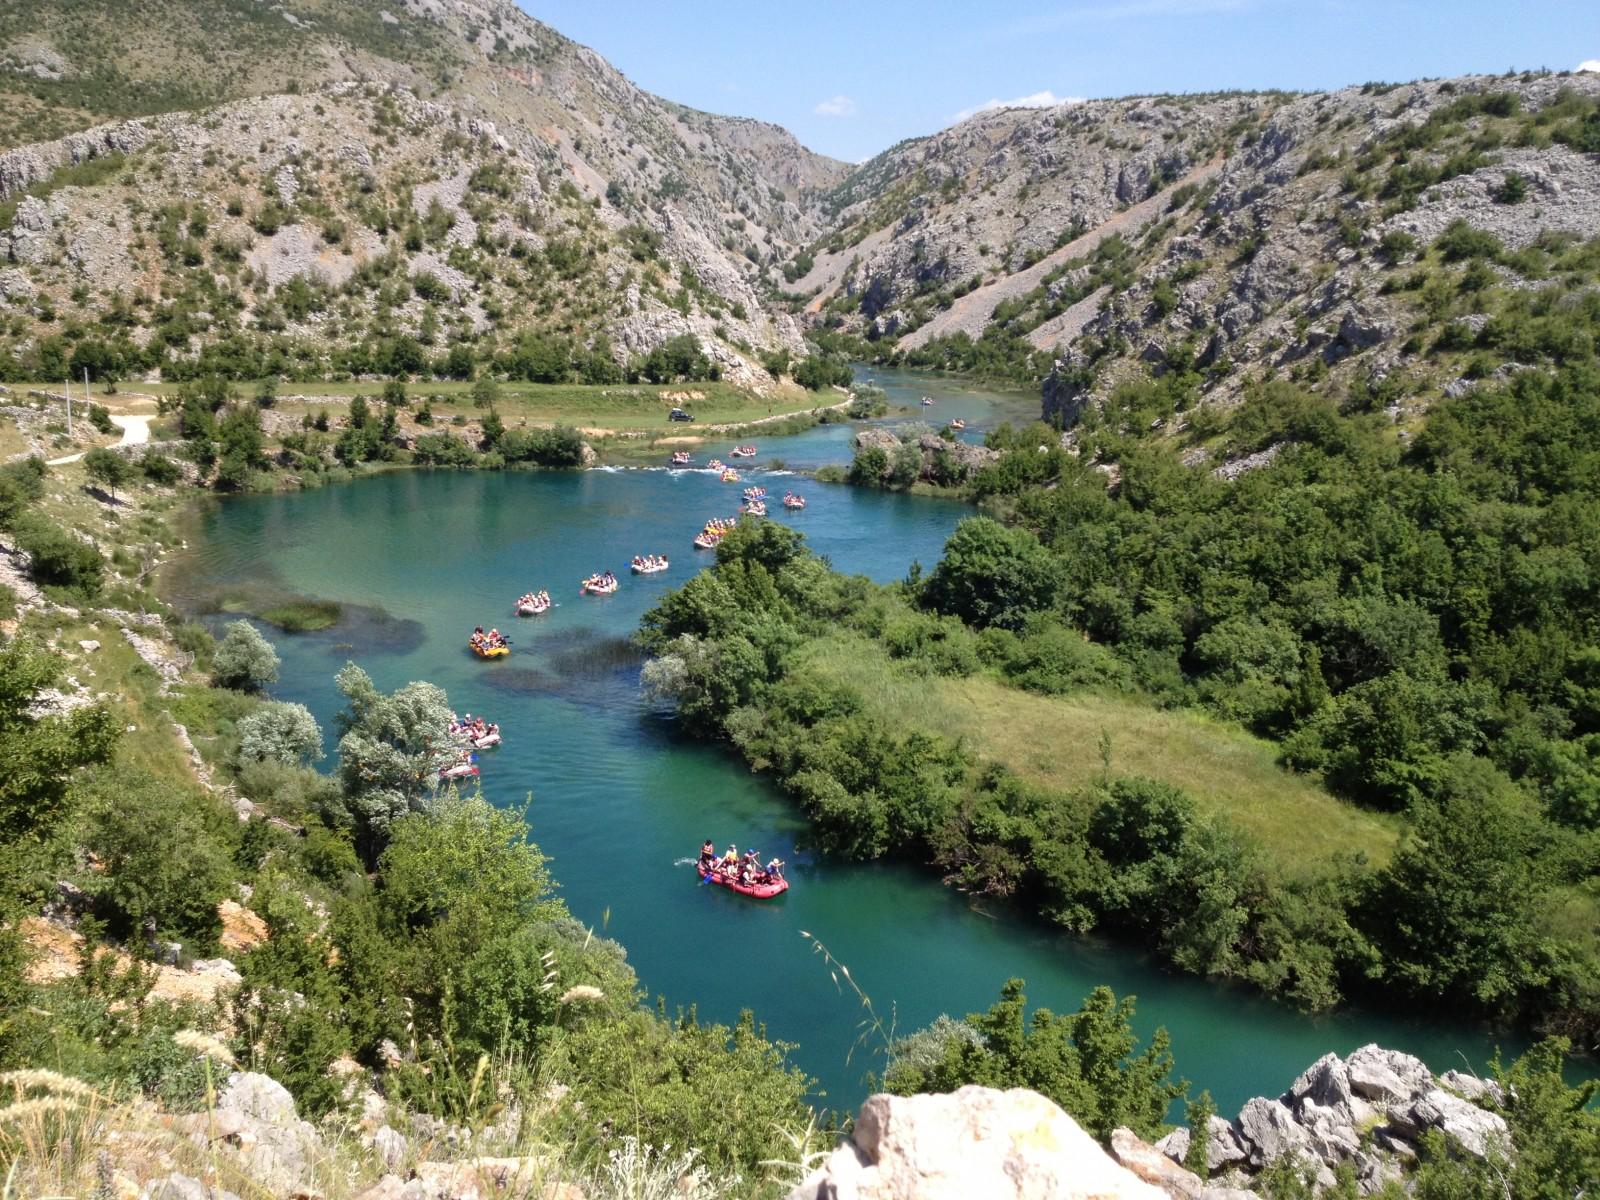 Rafting/kayaking na Zrmanji - zelena ljepotica usječena u planinu